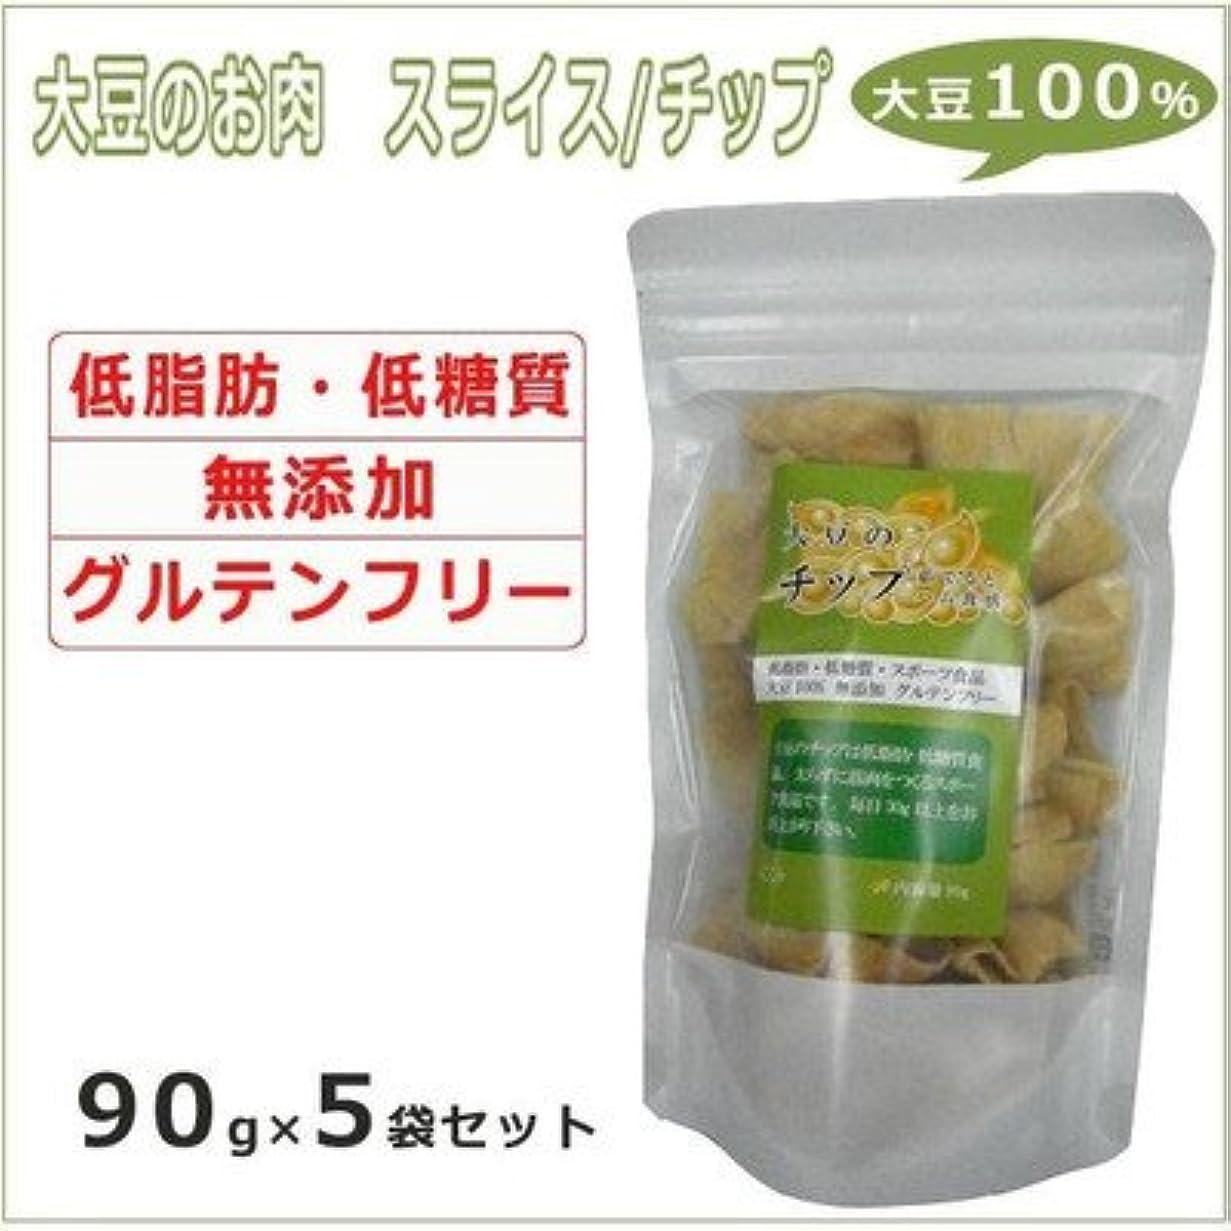 ラジカル十分決定的大豆のお肉 ソイミート スライス/チップ 90g×5袋